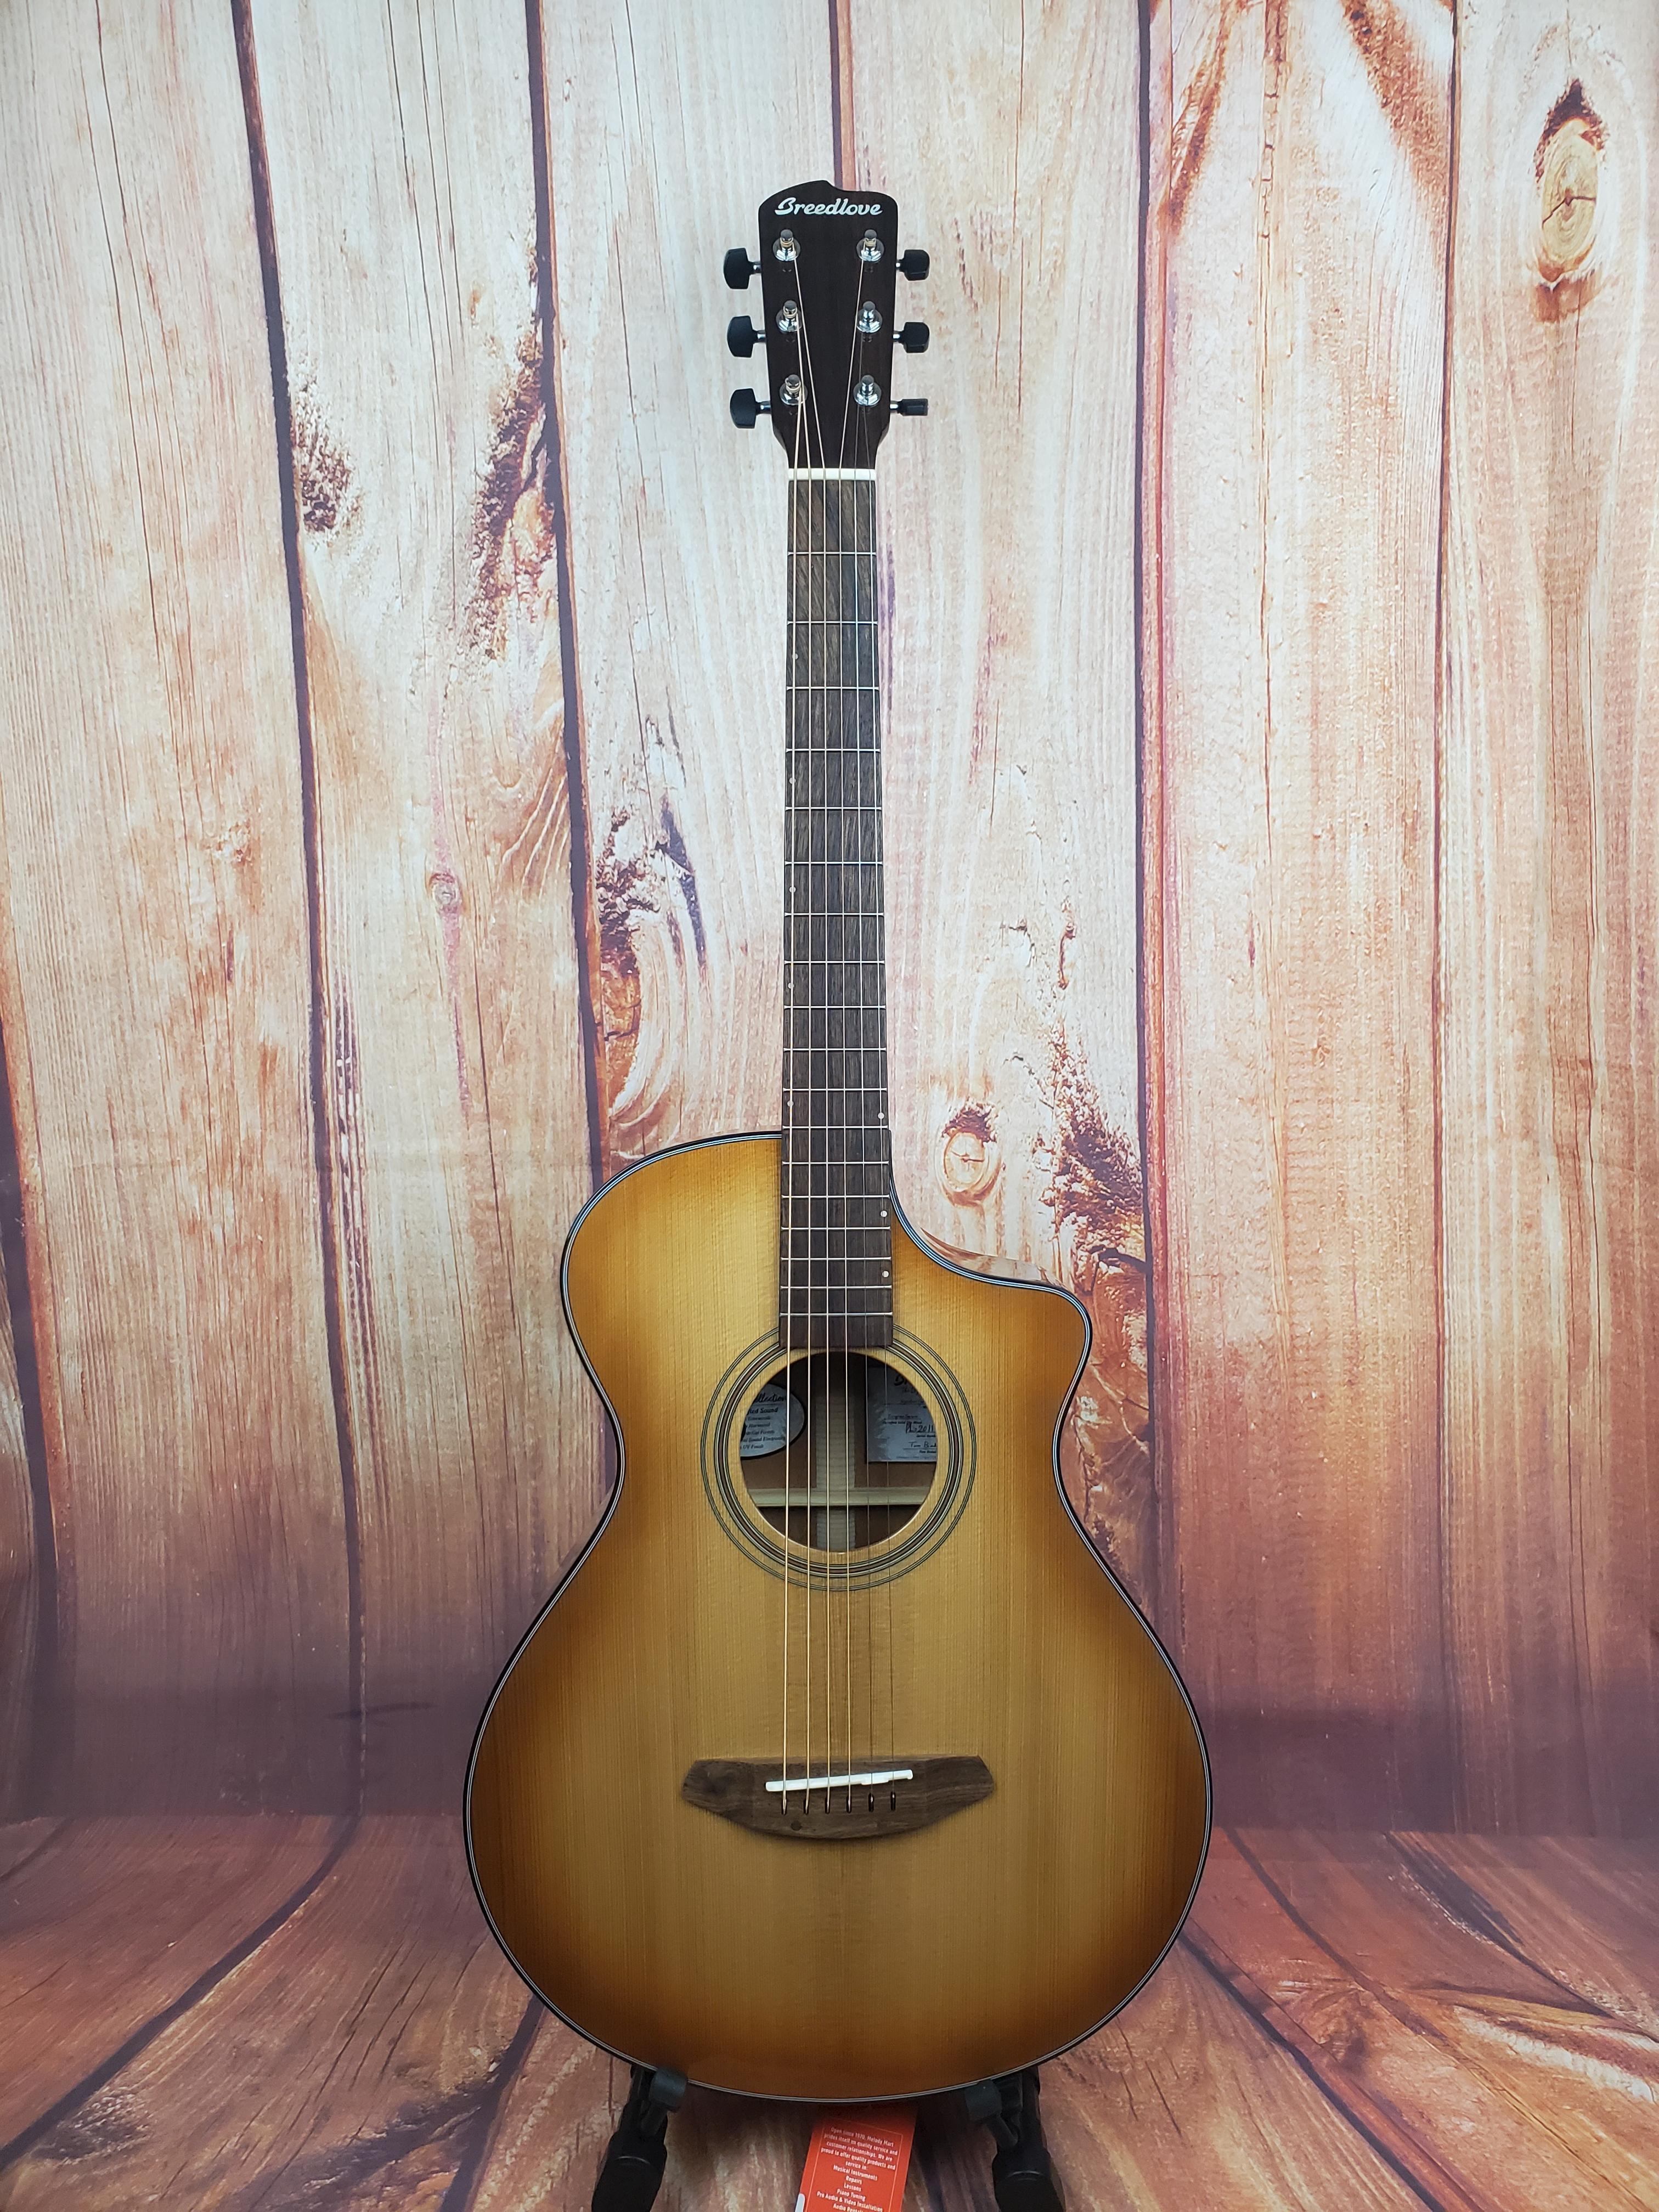 Used-Breedlove Concertina Copper CE A/E Guitar